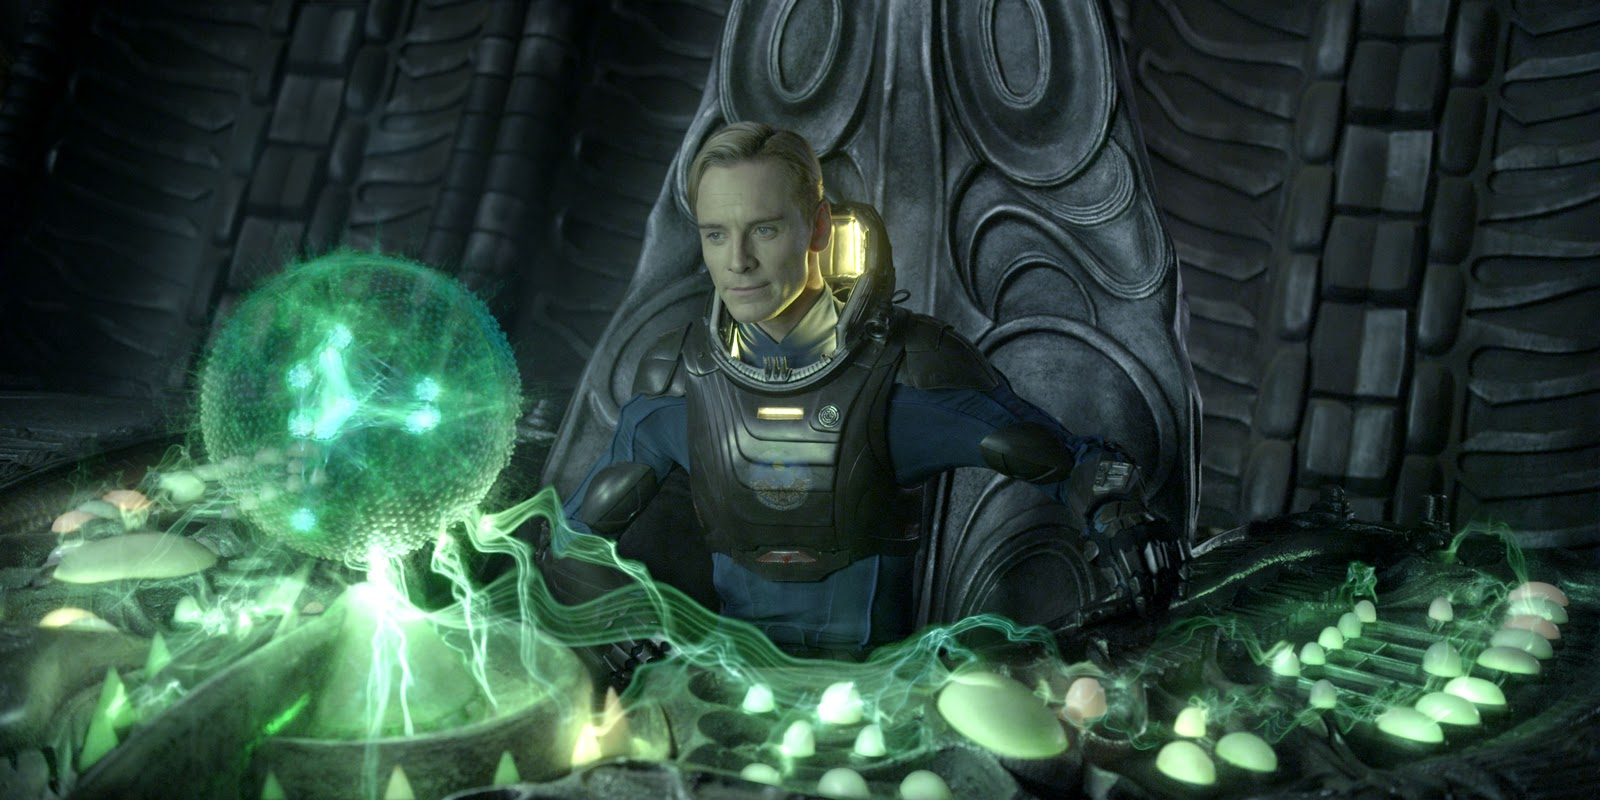 http://3.bp.blogspot.com/-YqFM-lV9kiM/UBE3qiTa8RI/AAAAAAAAAiM/z3lg-Oq-2U0/s1600/Prometheus2.jpg